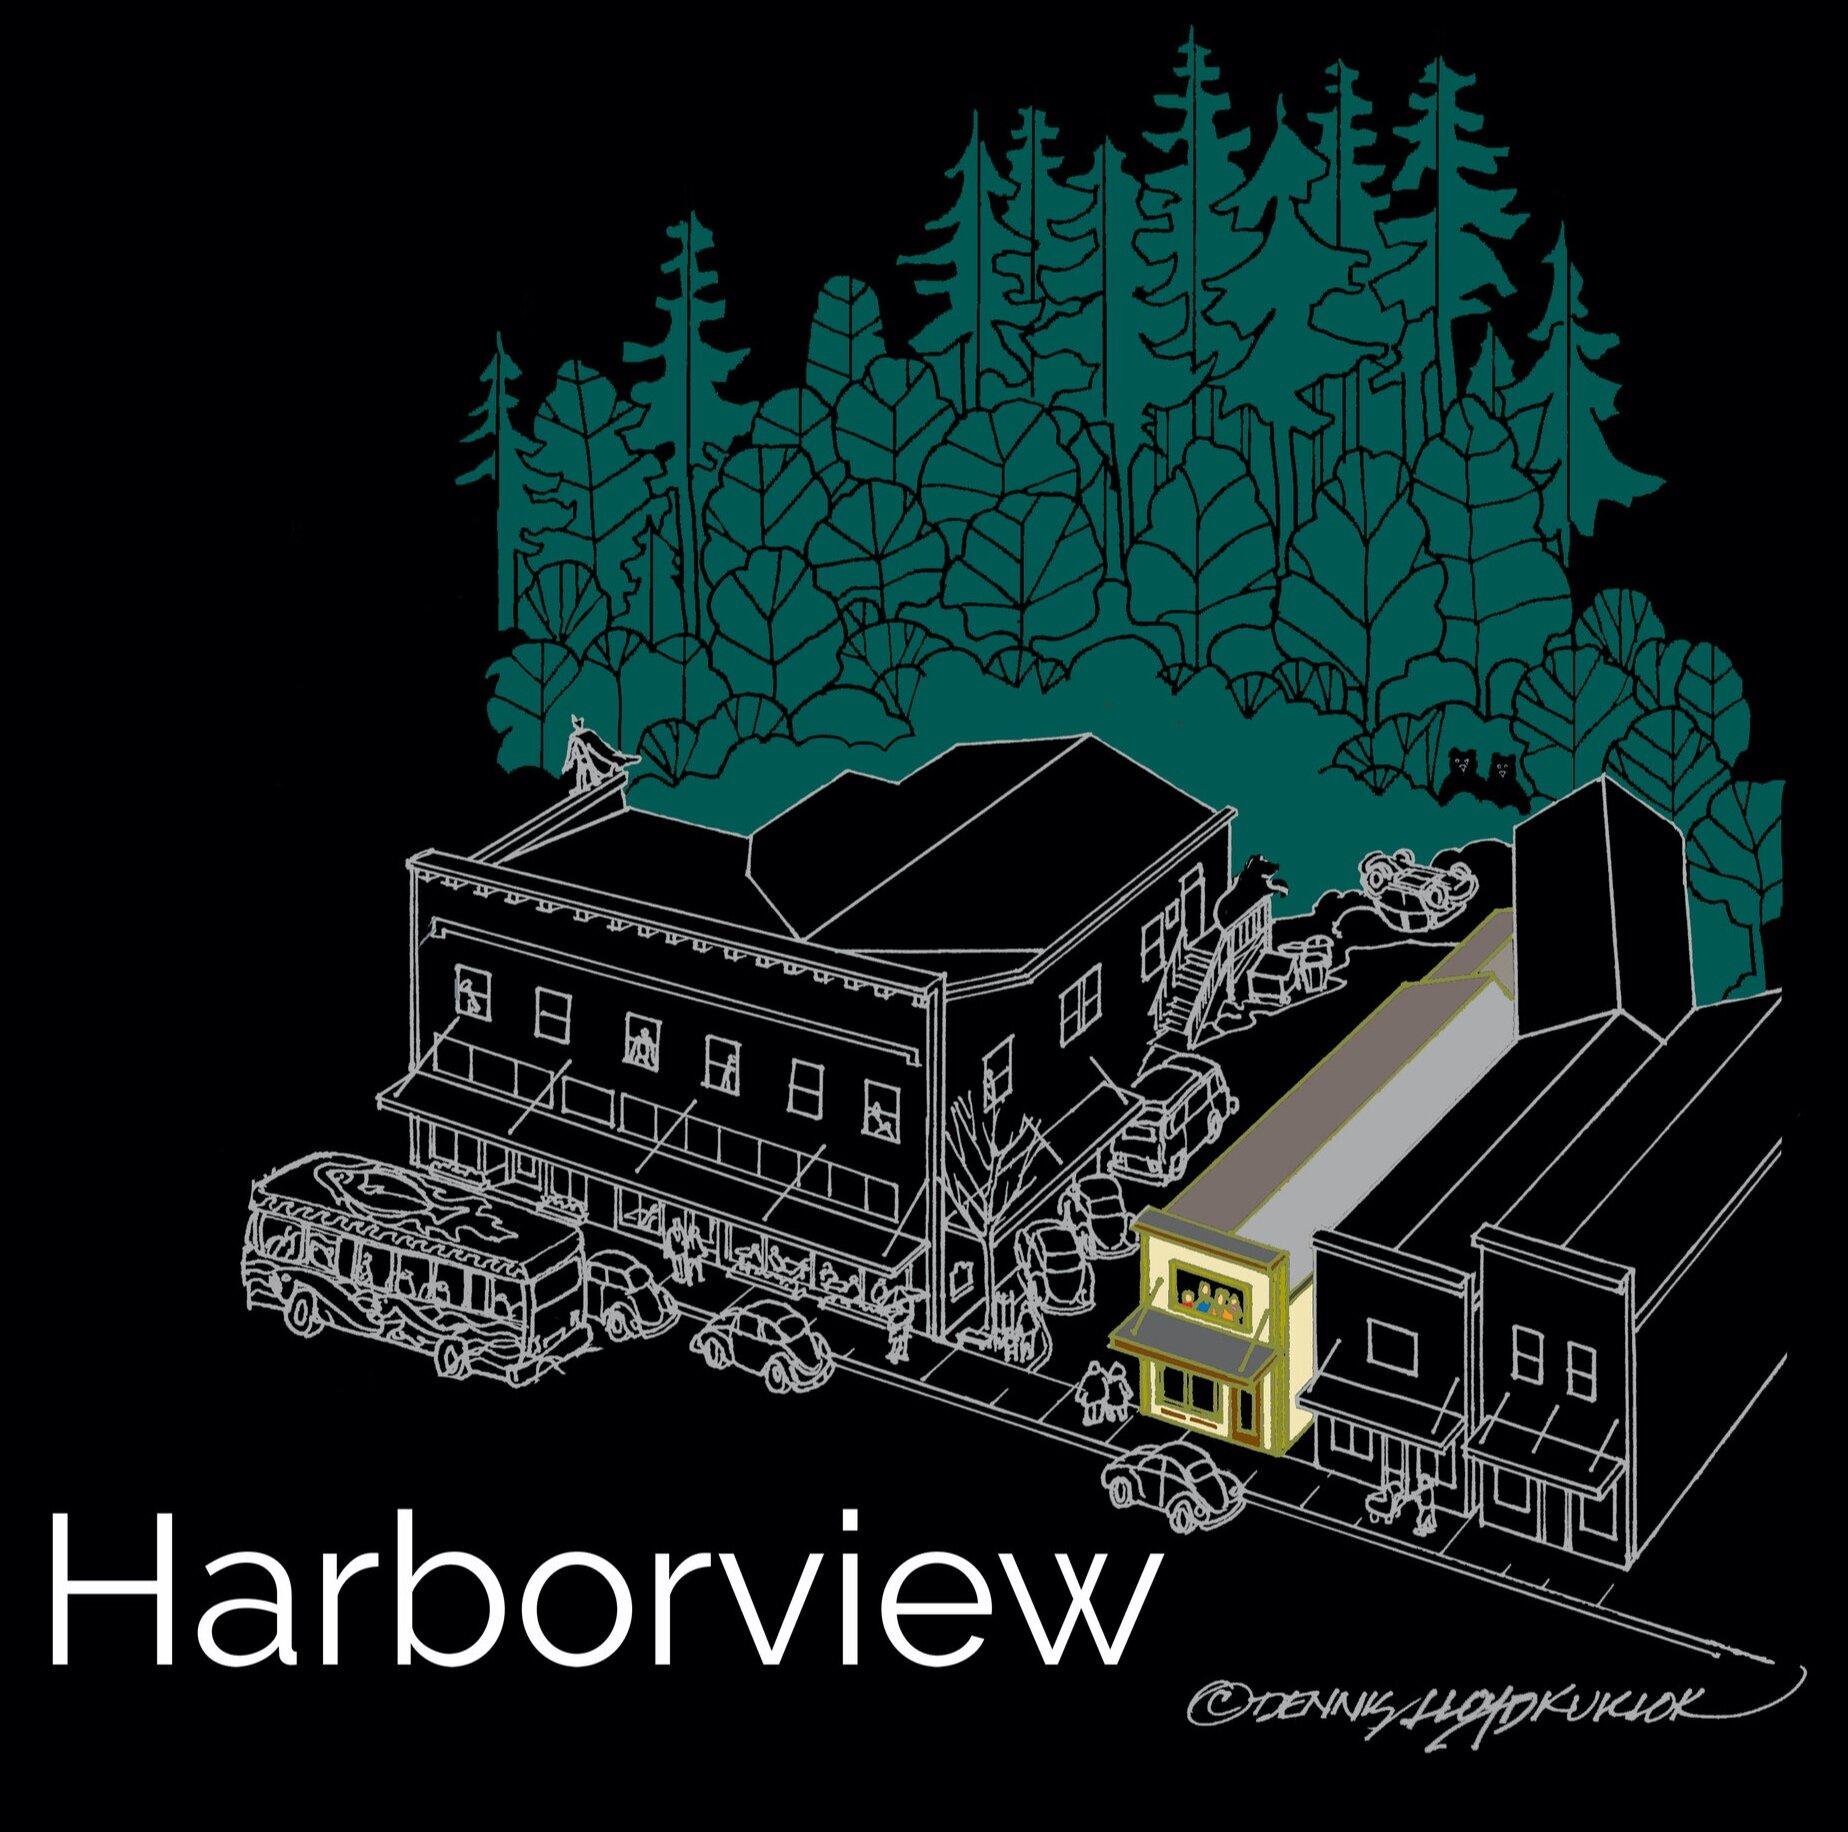 harborview+individual.jpg